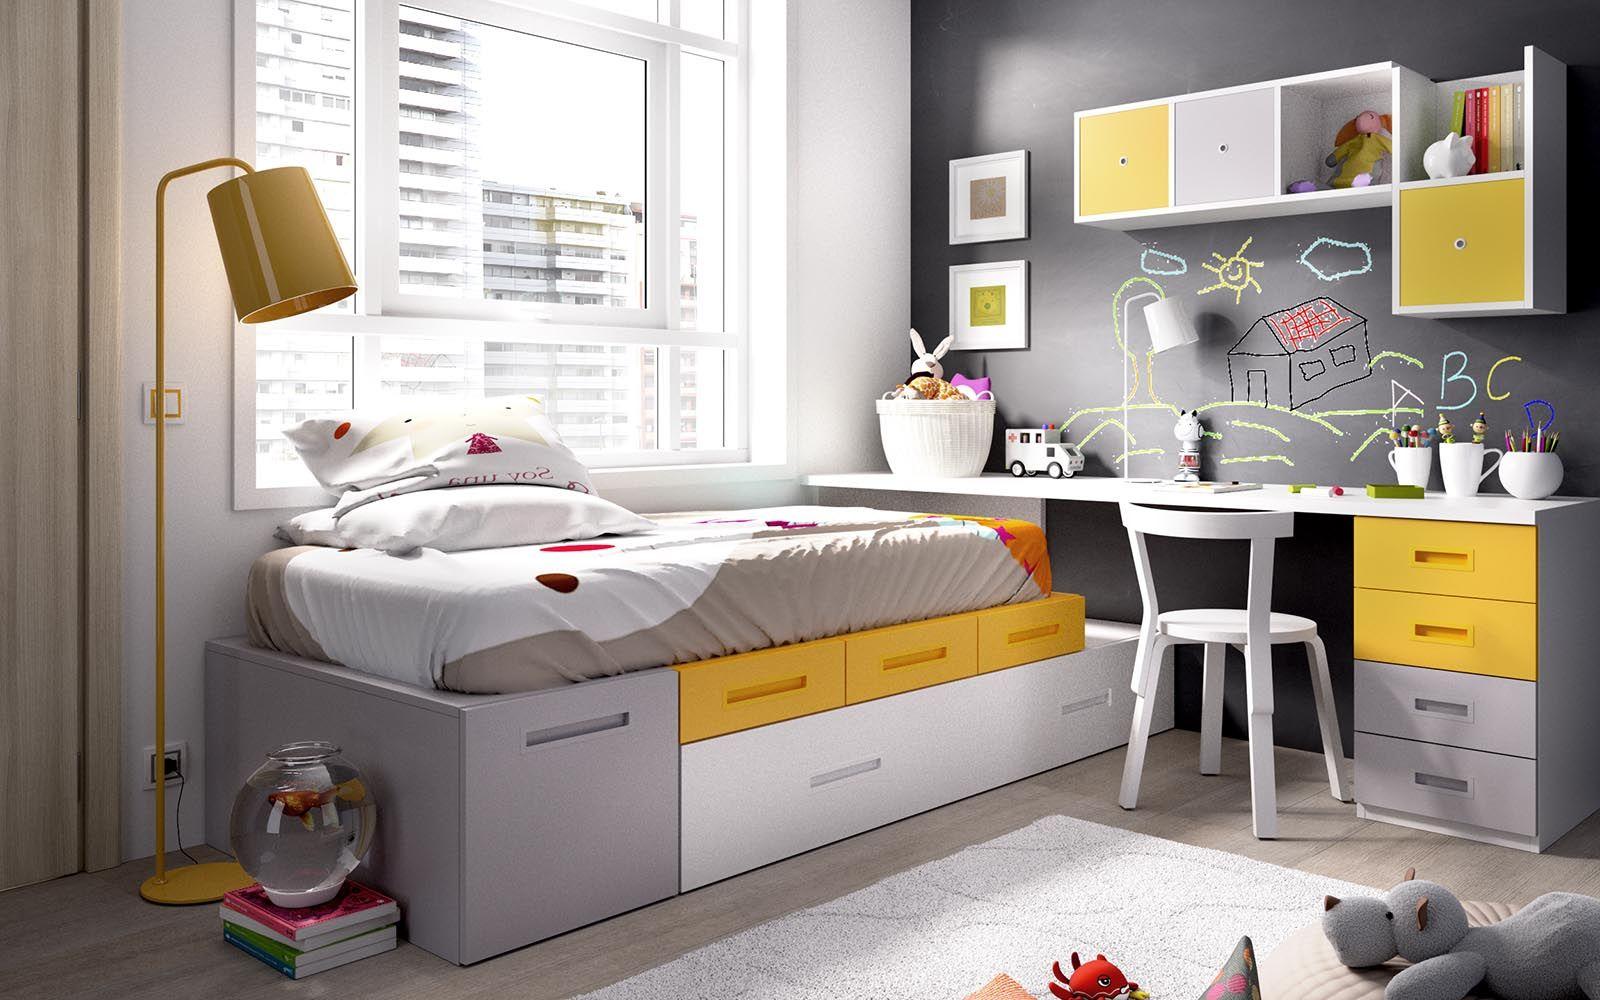 Dormitorio juvenil con gran capacidad dormitorios - Habitaciones juveniles ninas ...